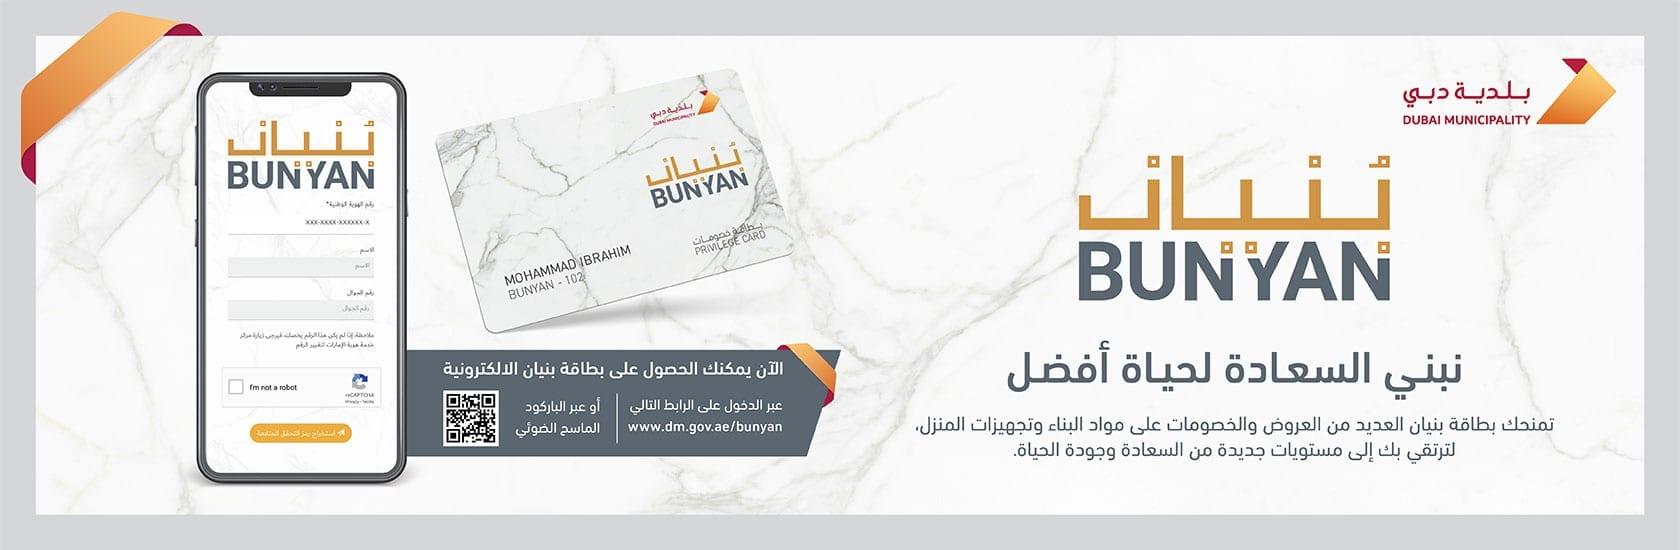 Bunyan Card Banner